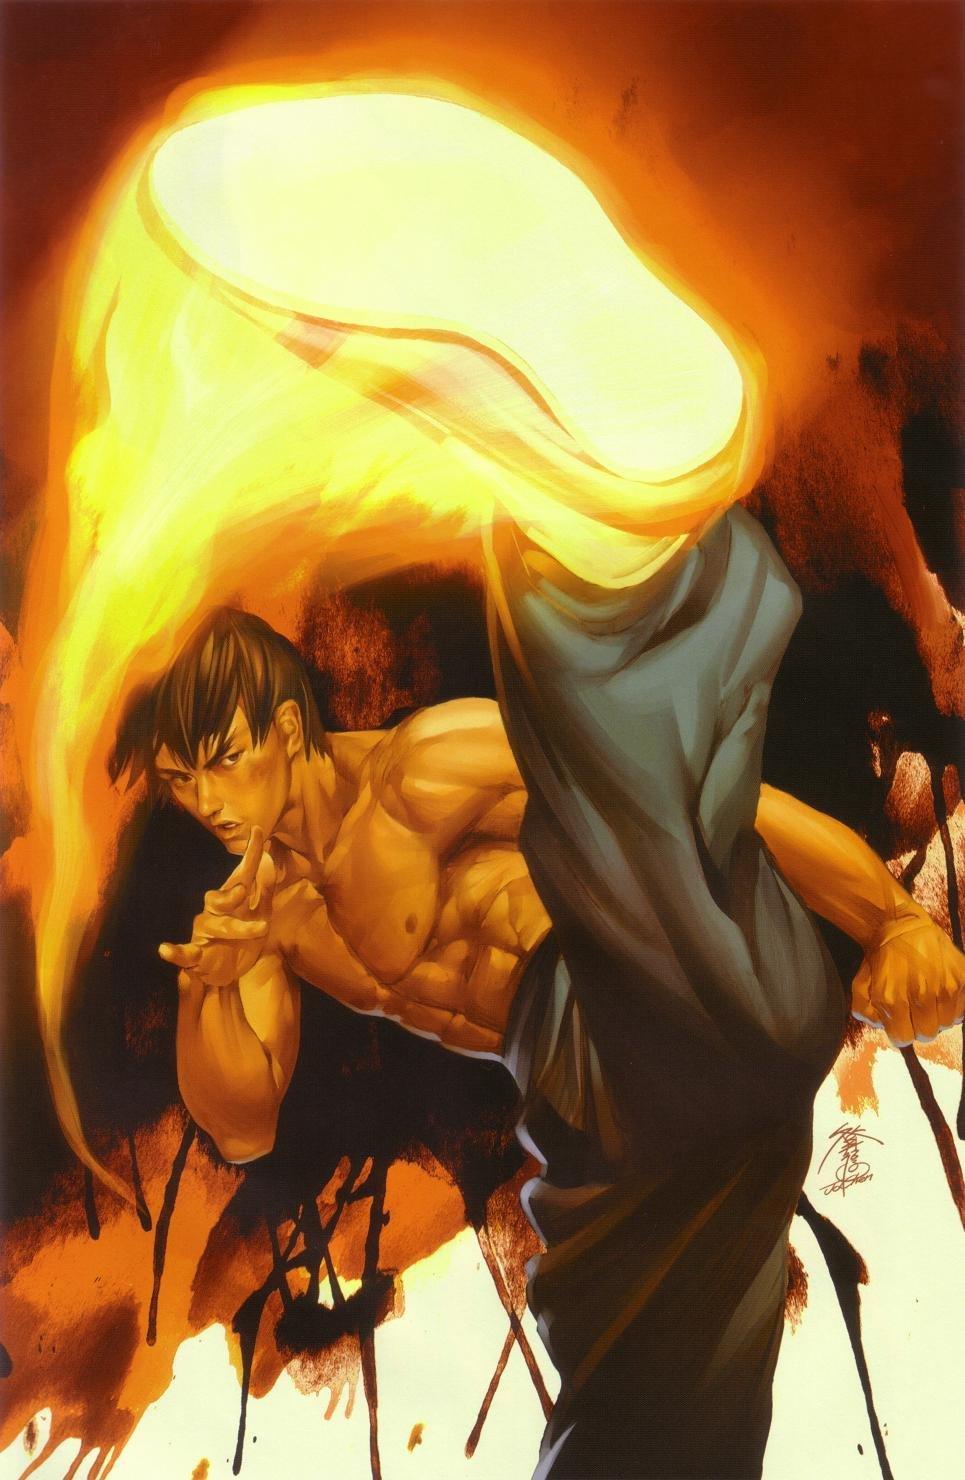 Street Fighter Vol.1 010 (September 2004) (Power Foil variant)